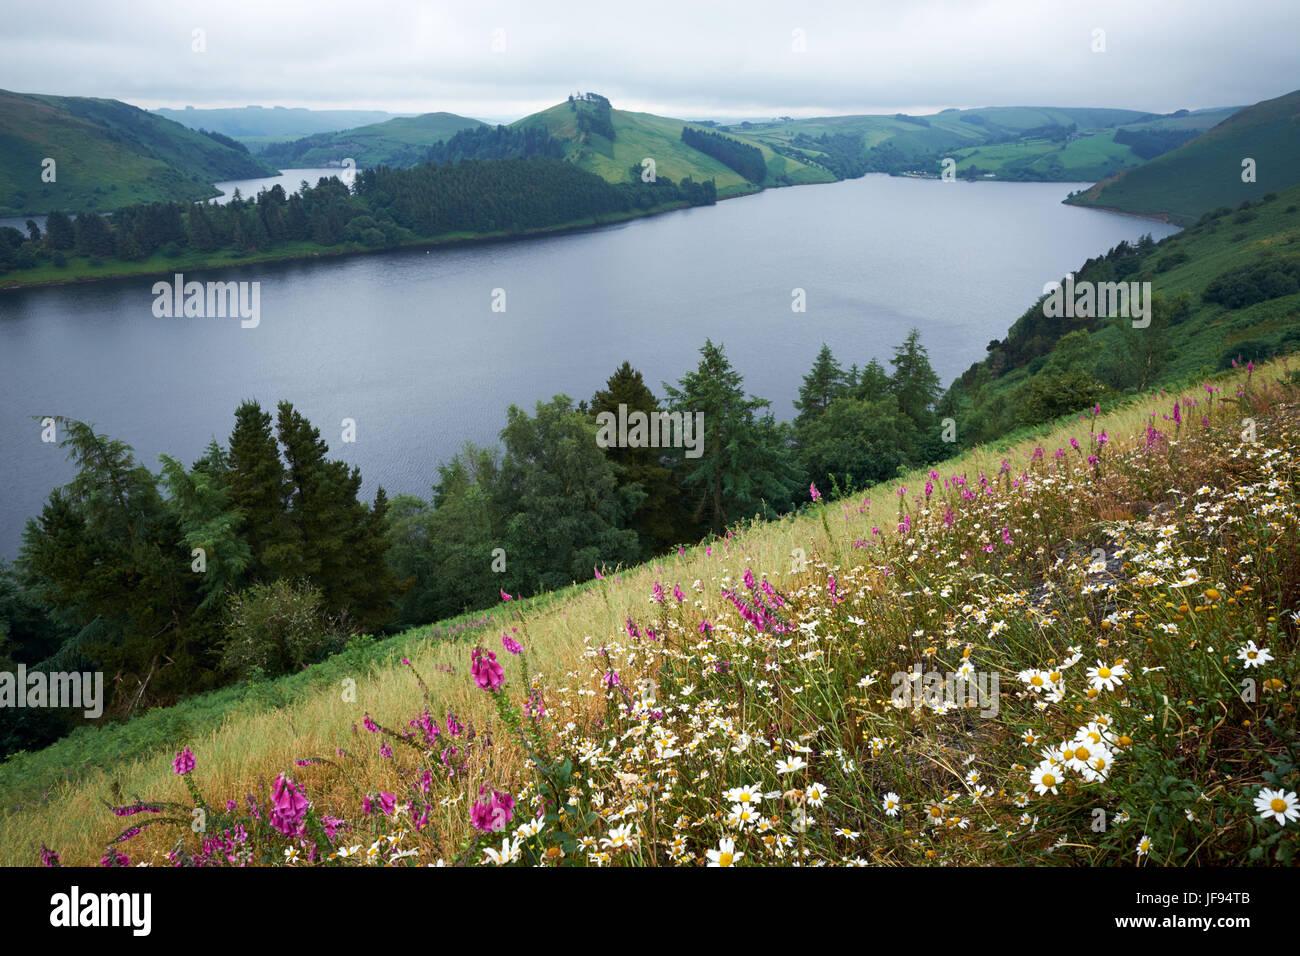 Llyn Clywedog Reservoir near Llanidloes Powys Wales - Stock Image